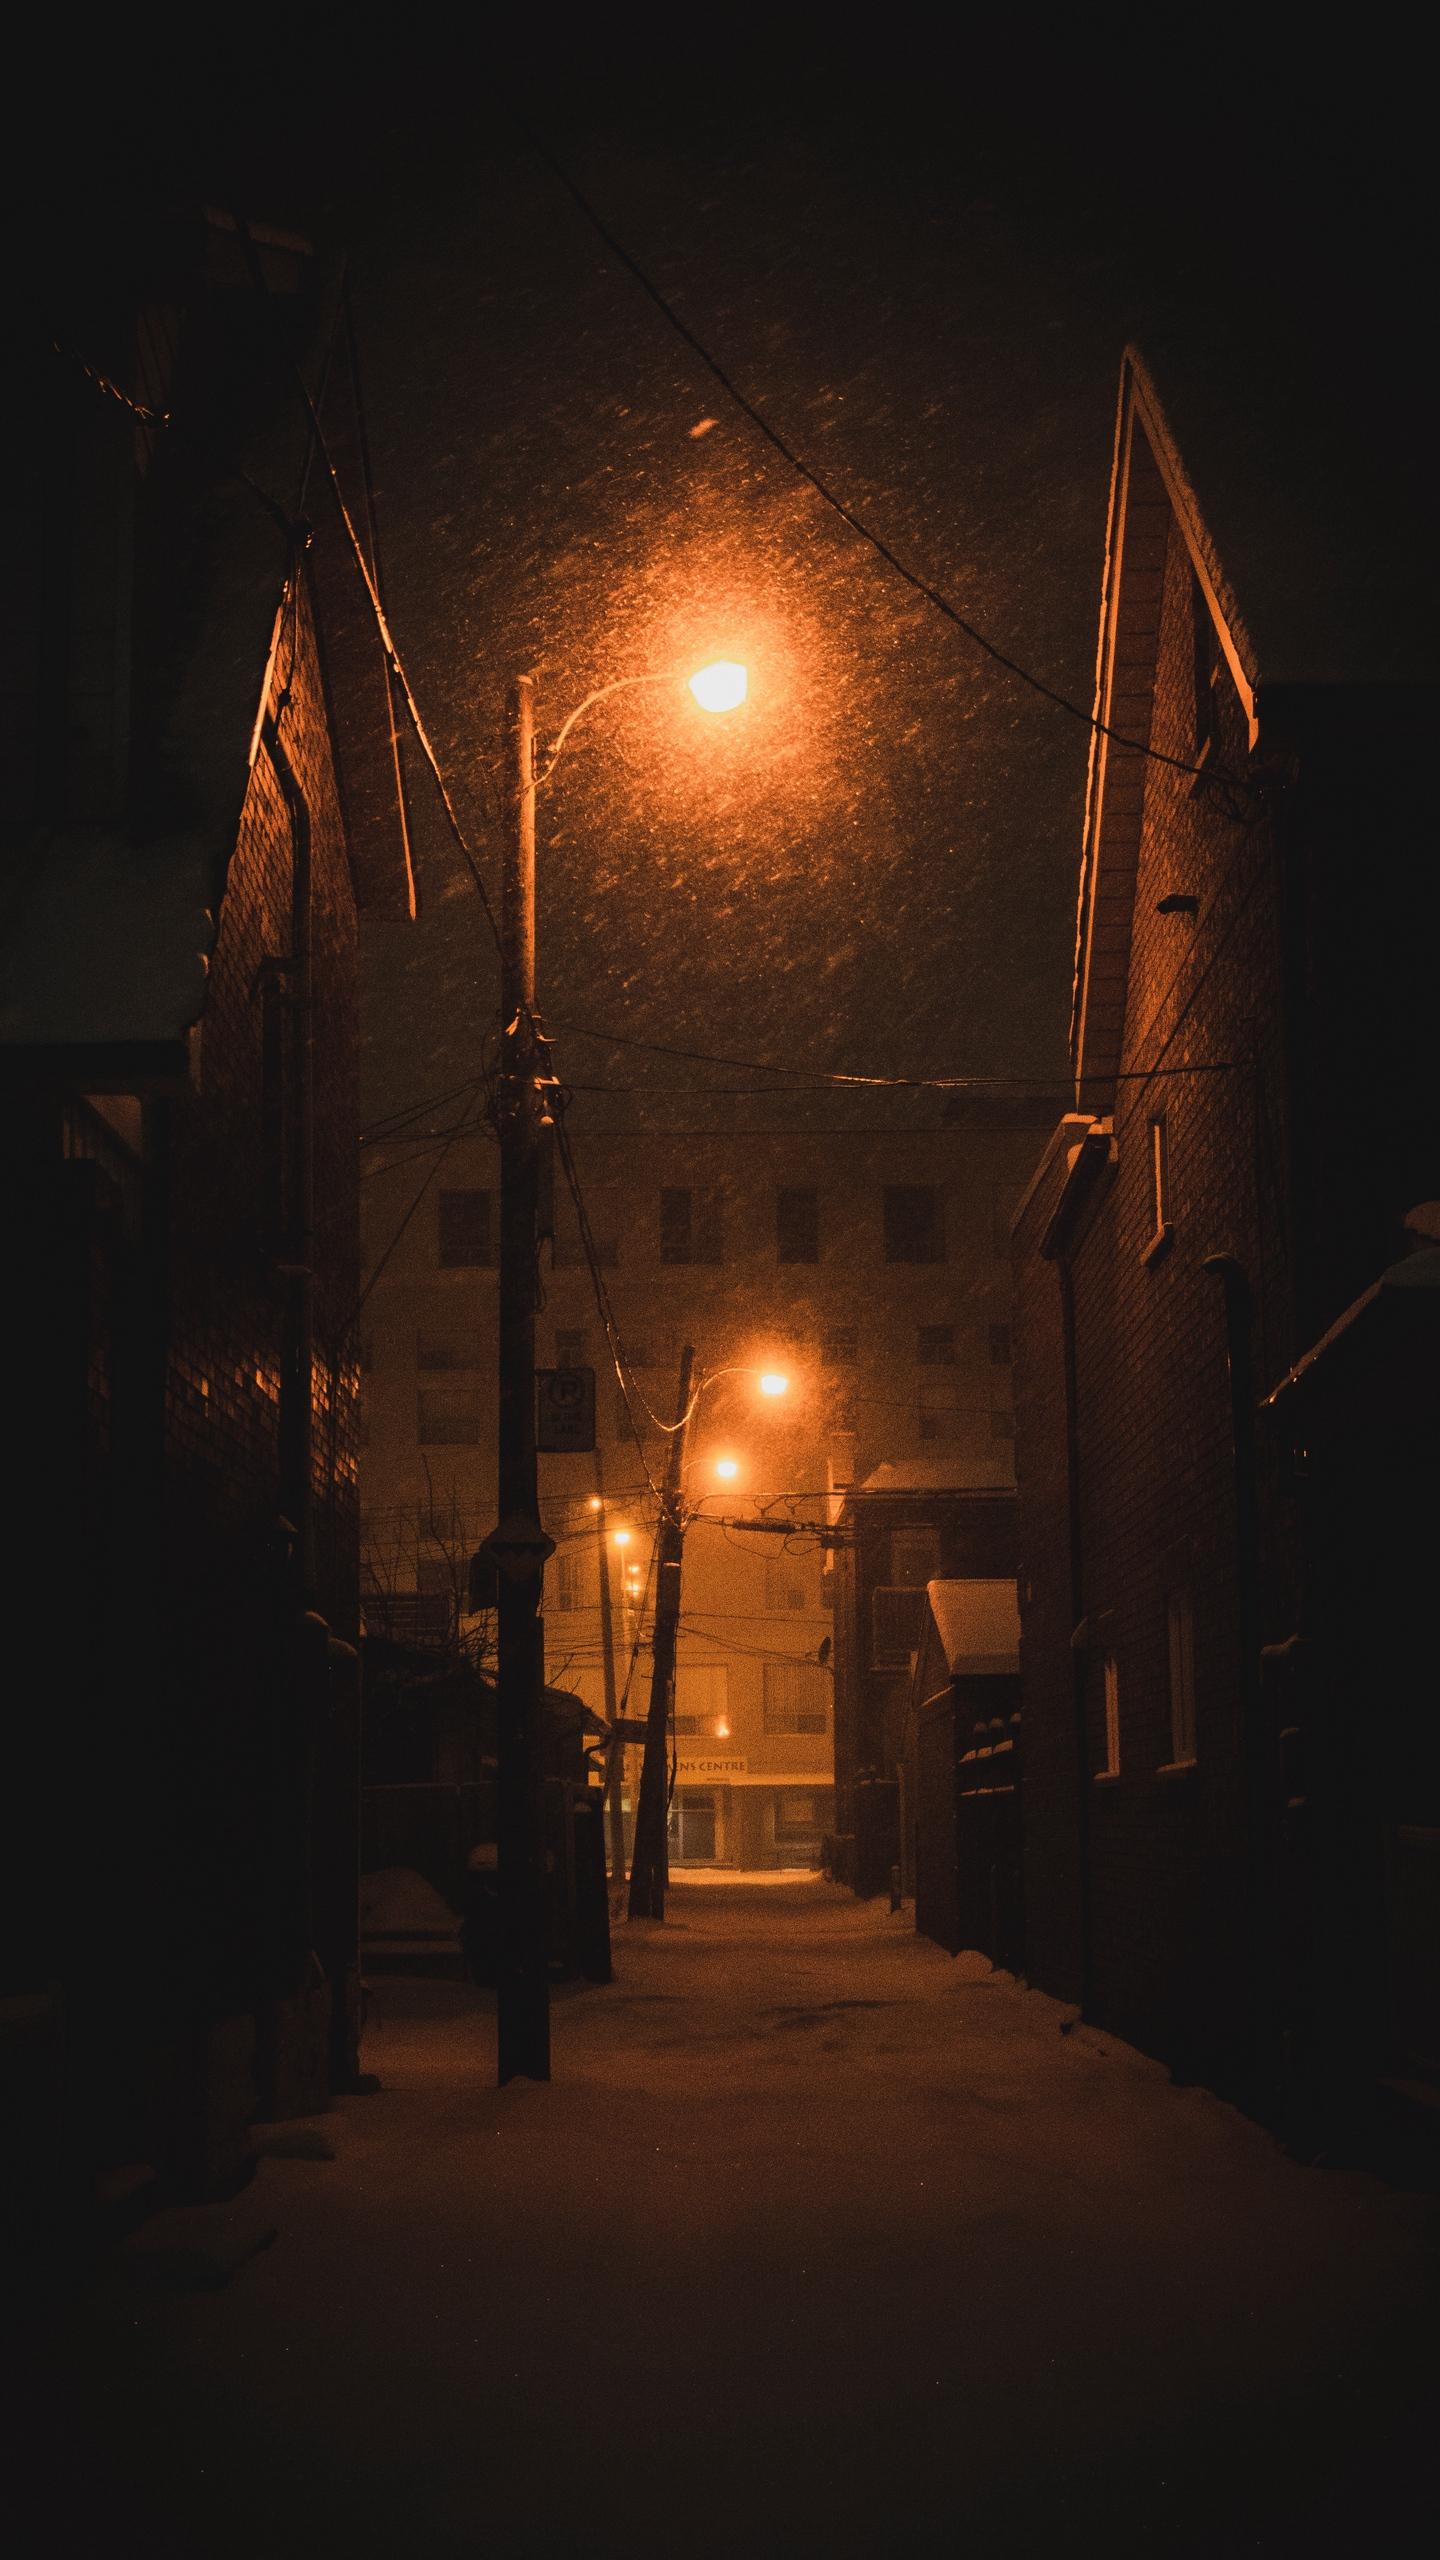 Wallpaper Street Lights Night City Winter Dark Dark Street Light Background 1440x2560 Wallpaper Teahub Io